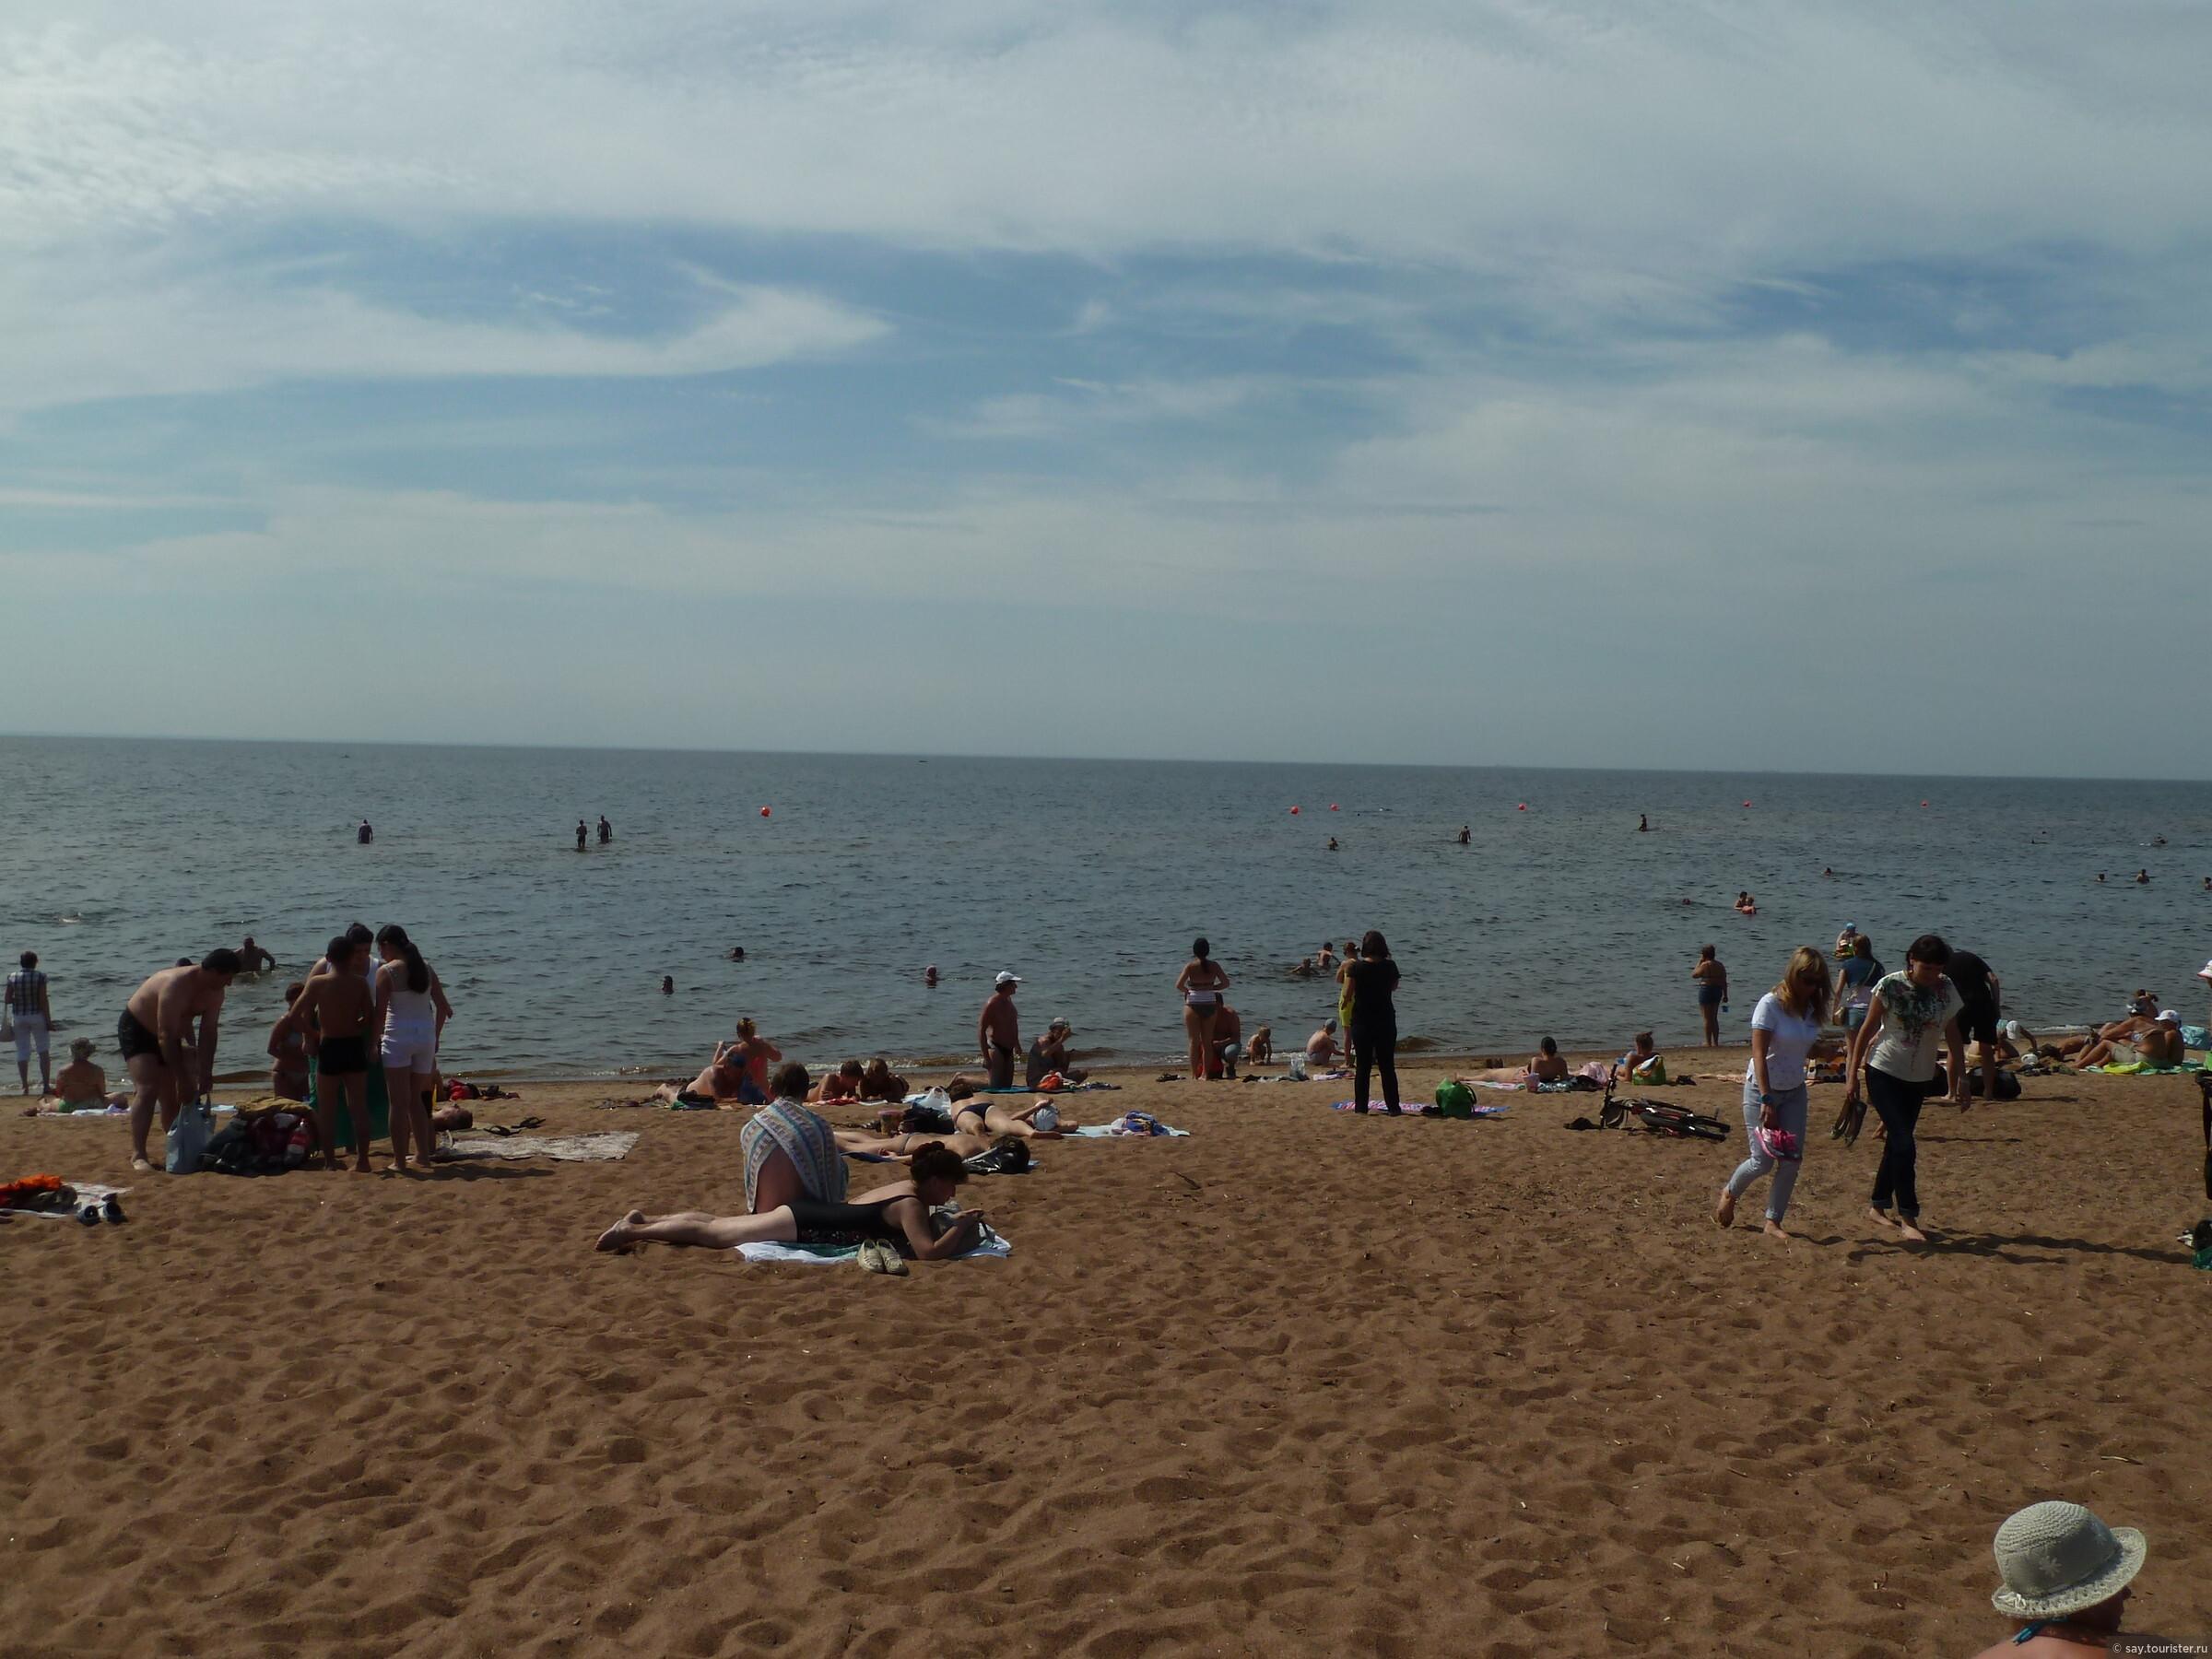 зеленогорск ленинградская область фото пляжей и набережной какой-то момент